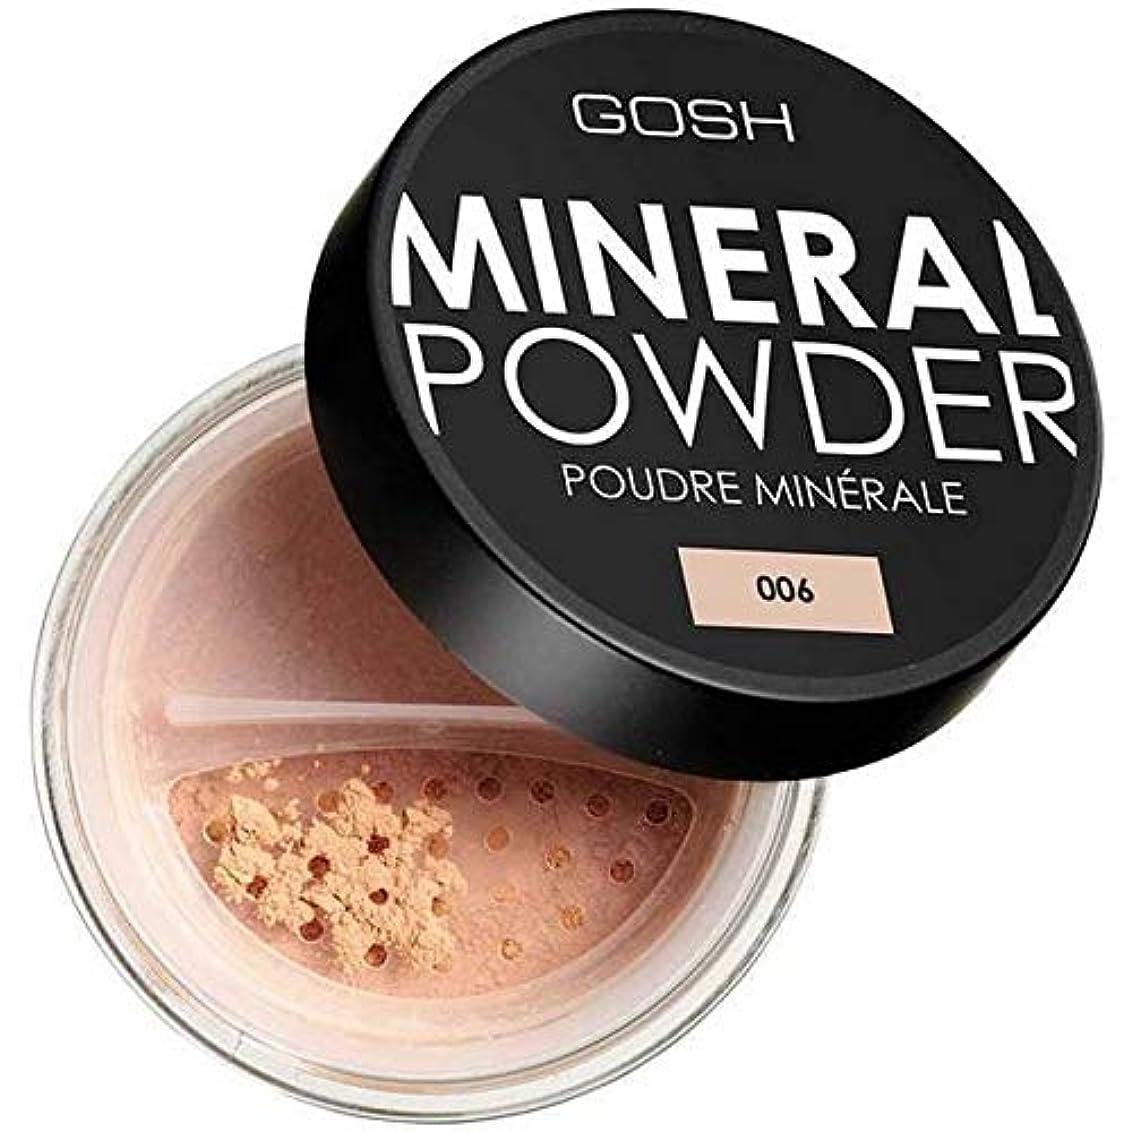 関係ない回路統治可能[GOSH ] おやっミネラルフルカバレッジ基礎粉末蜂蜜006 - GOSH Mineral Full Coverage Foundation Powder Honey 006 [並行輸入品]